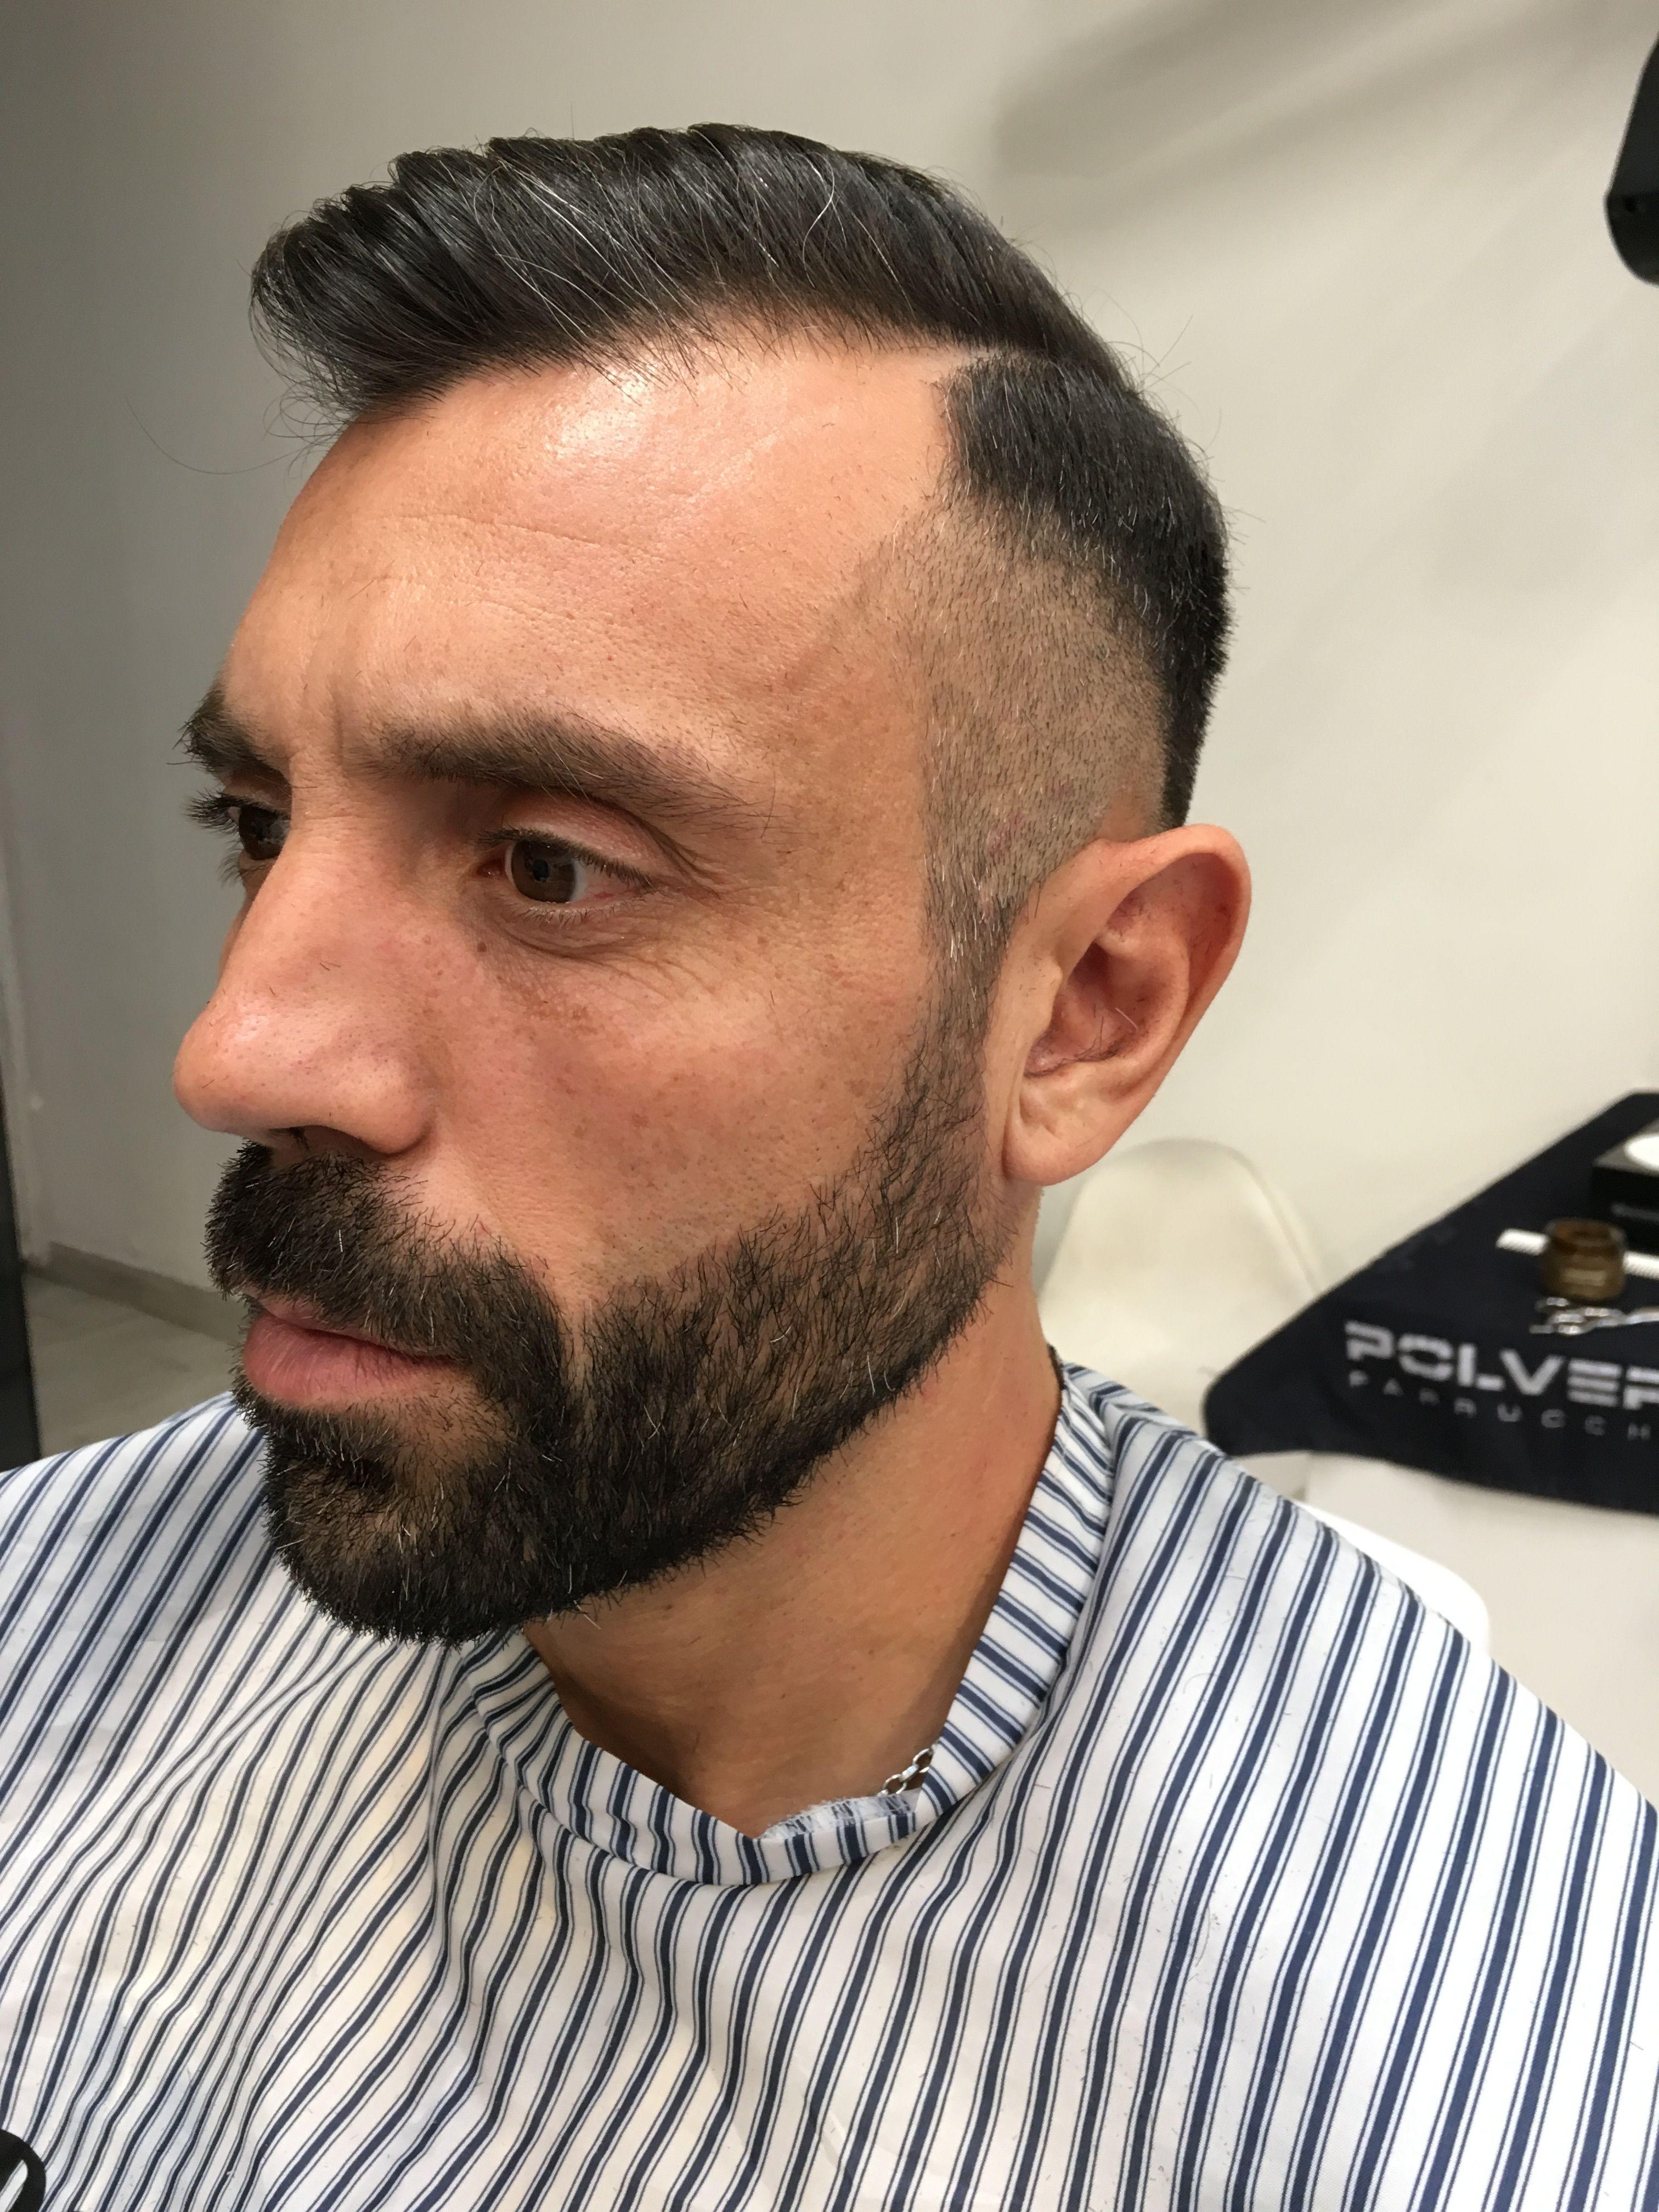 Pin by polverini diffusion on barba capelli uomo pinterest